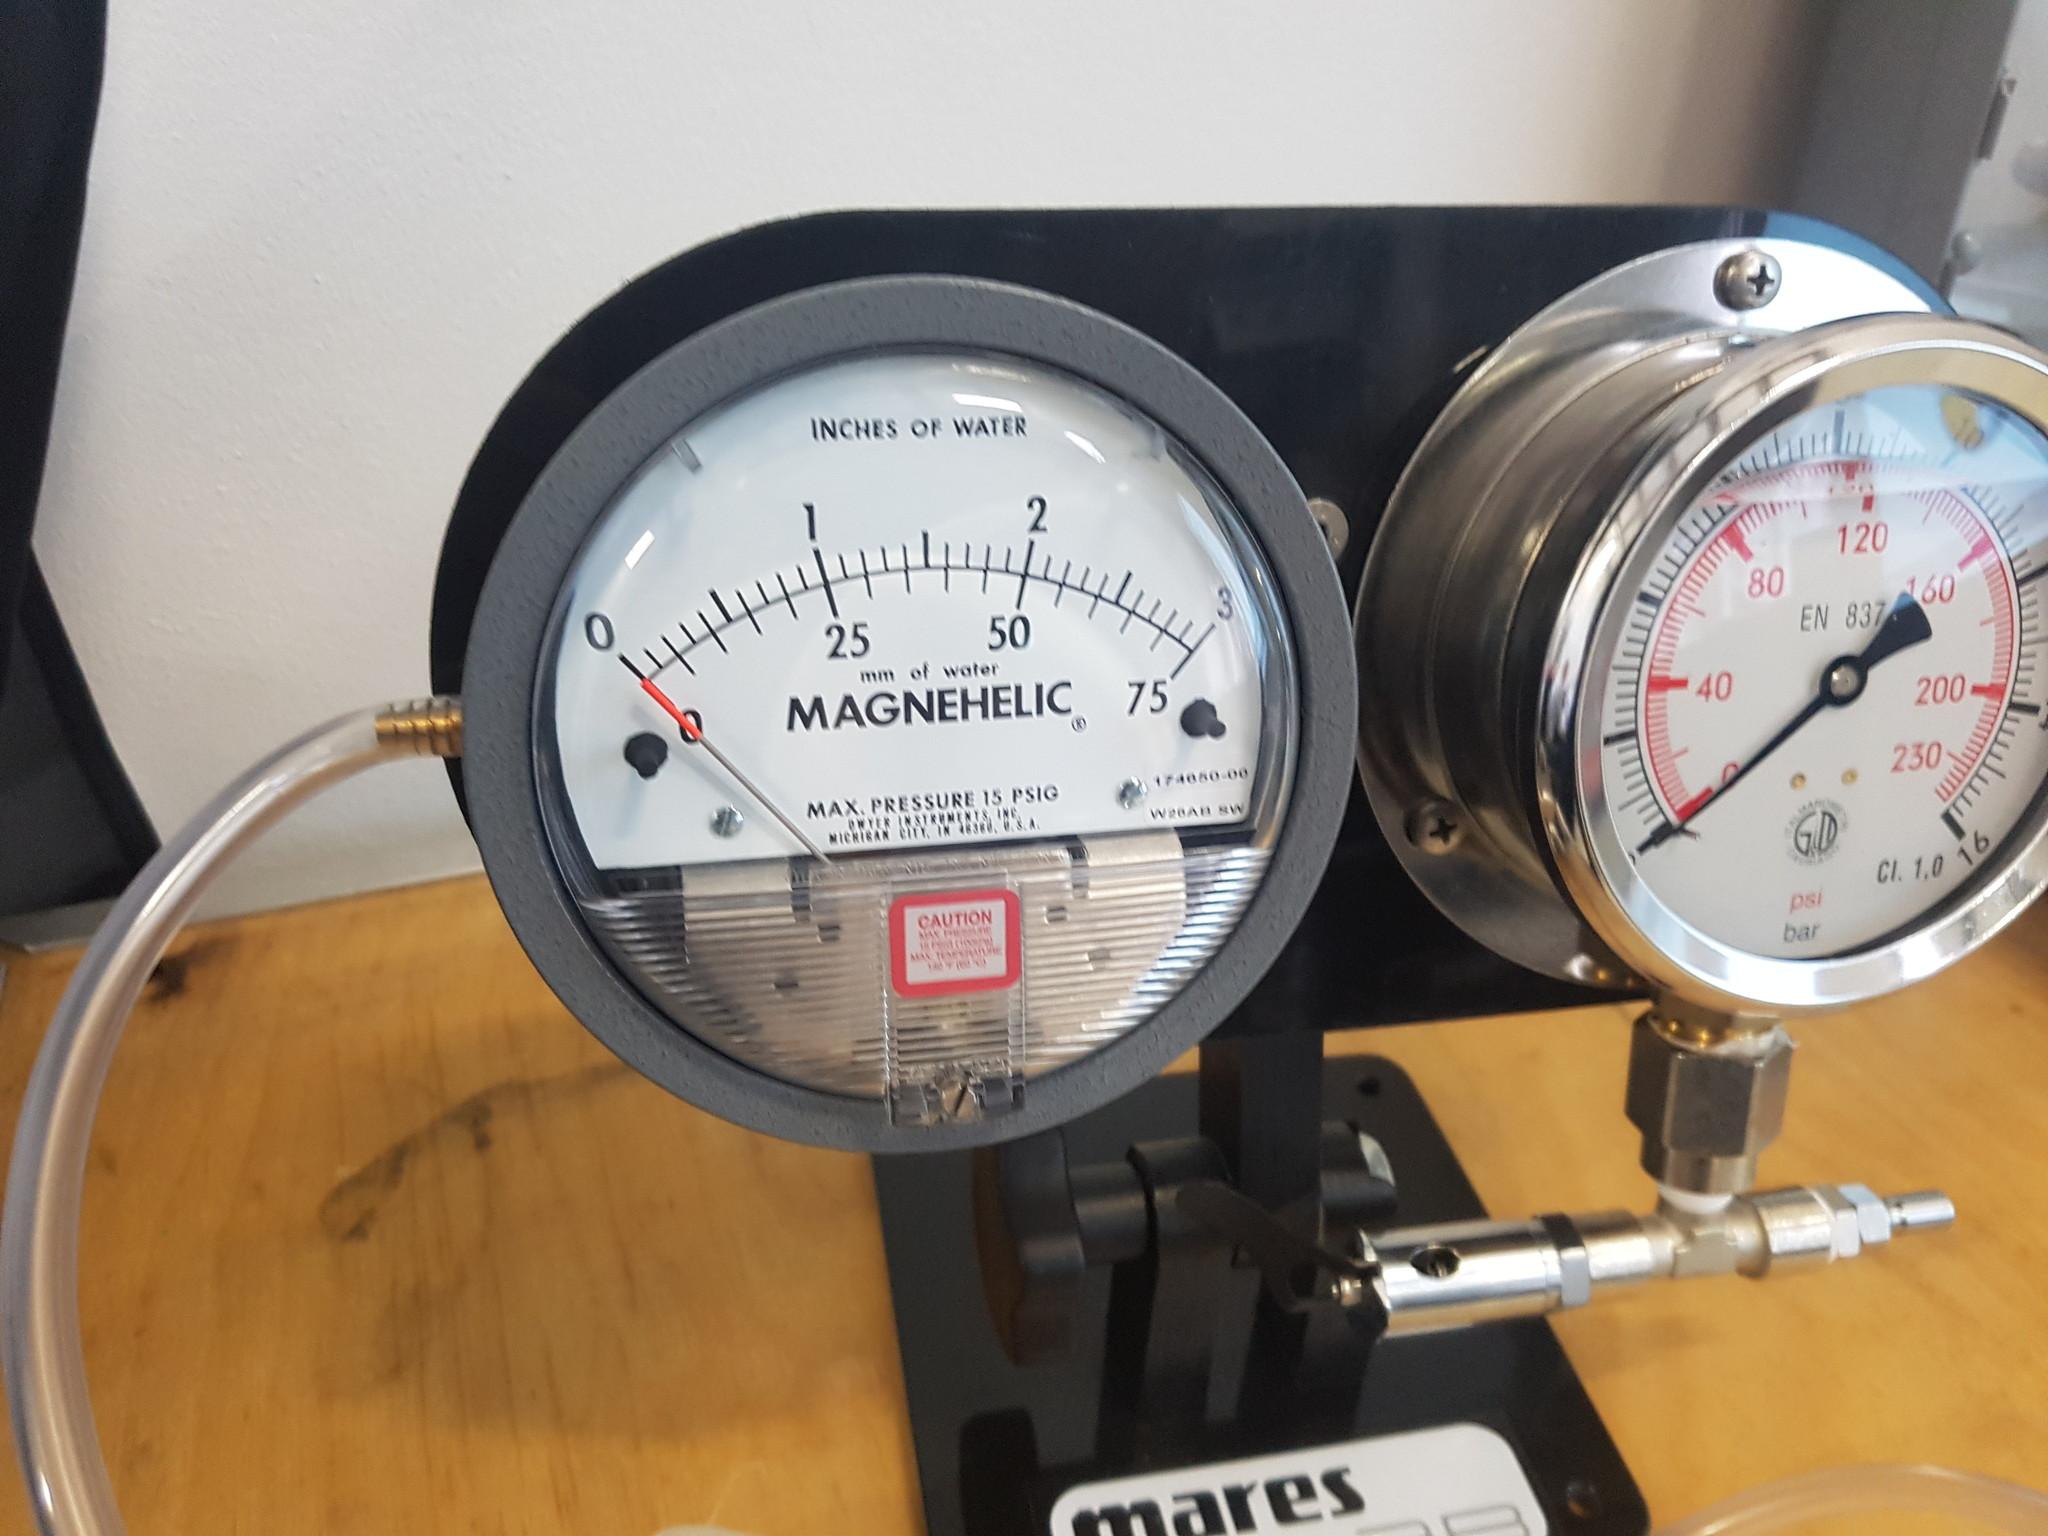 Ademautomaat testen met Magnehelic en middendruk meter